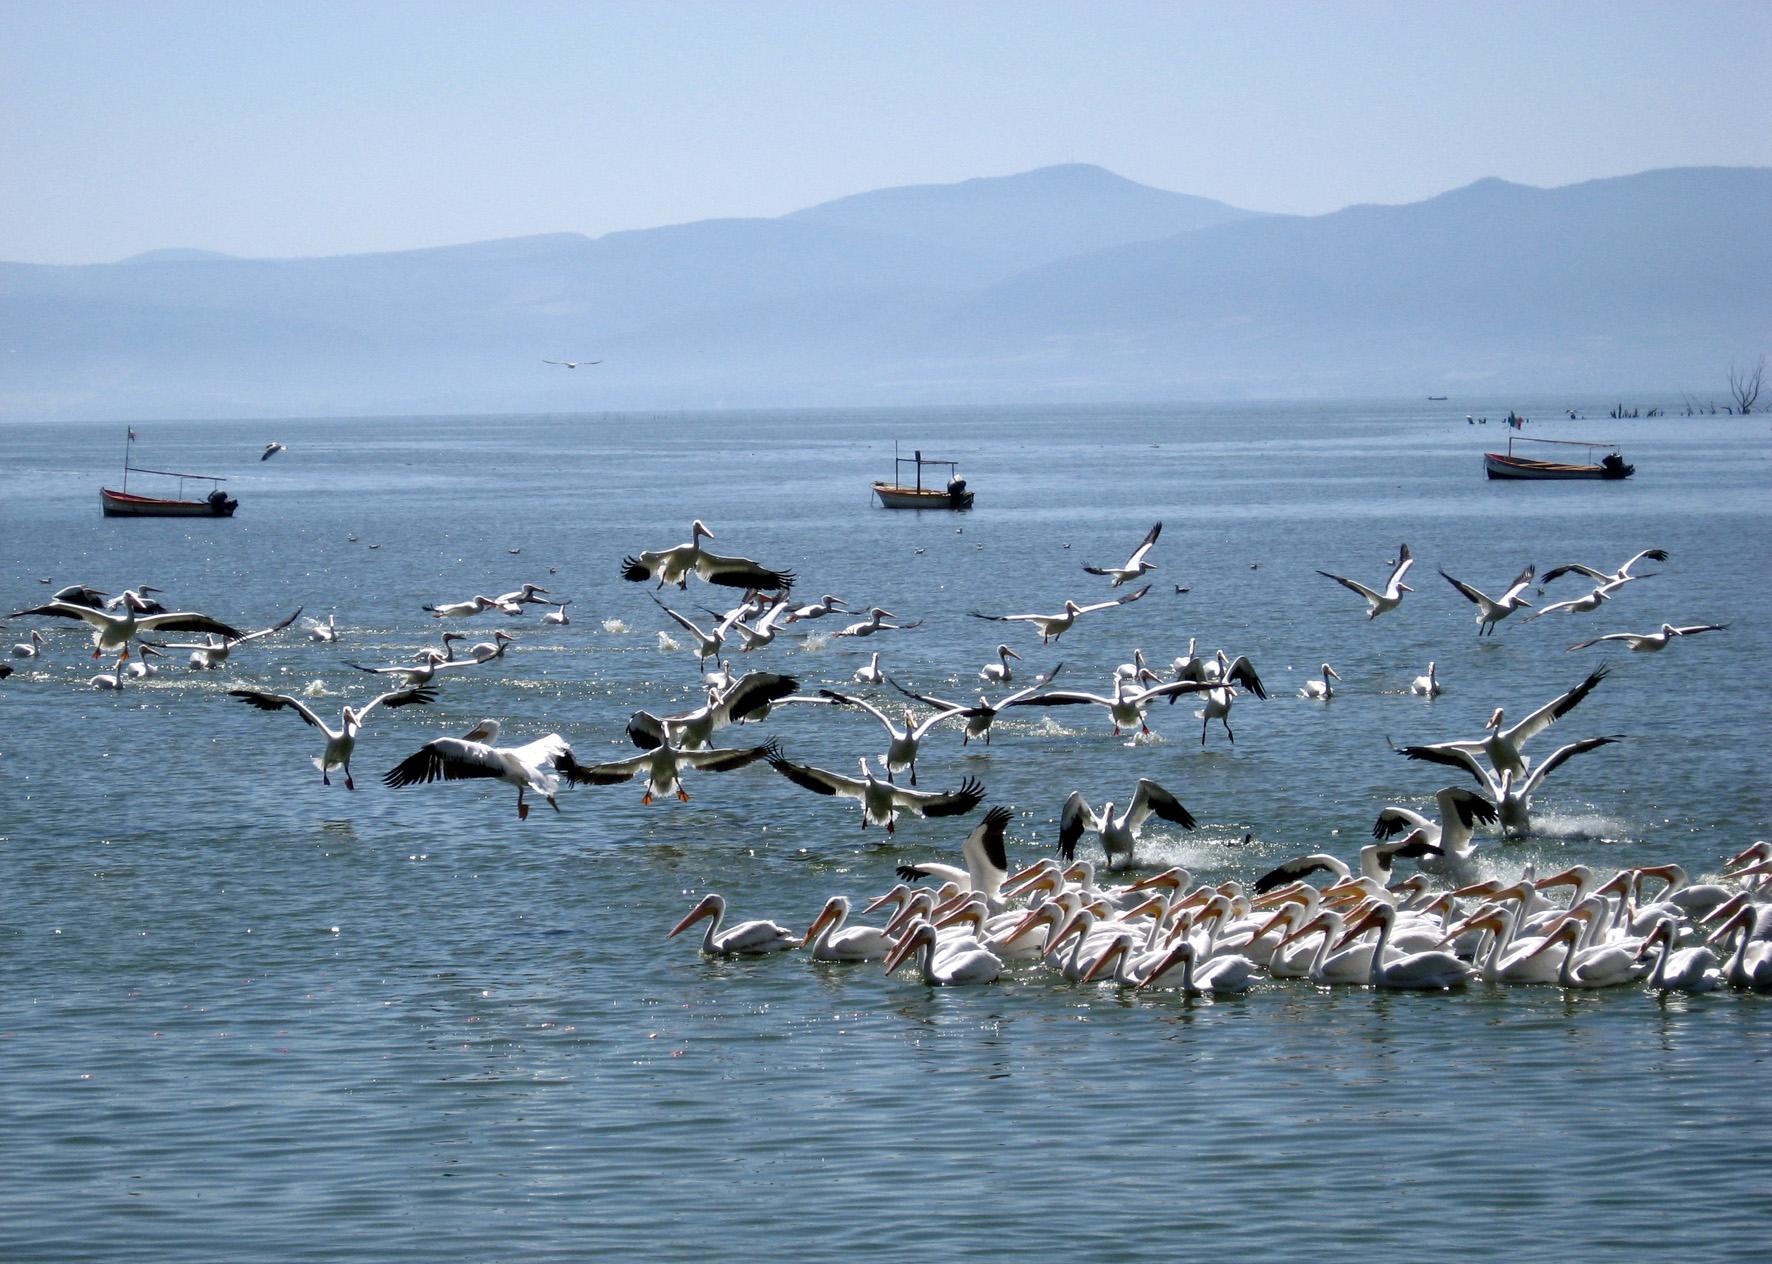 Una parvada de pelícanos descansa y vuelan en el Lago de Chapala